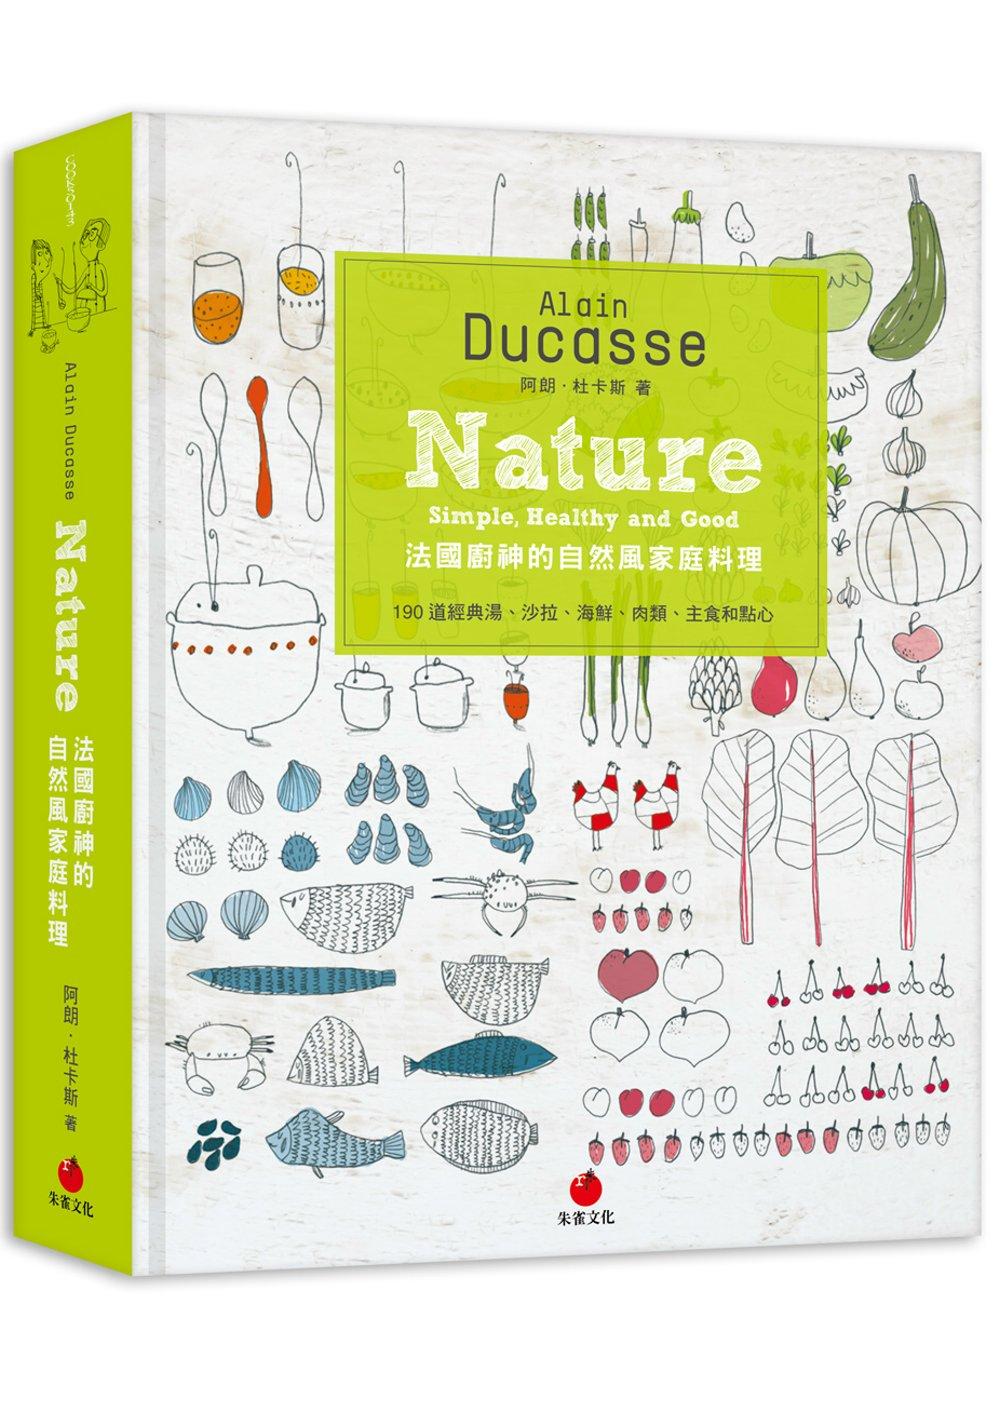 法國廚神的自然風家庭料理:190道經典湯、沙拉、海鮮、肉類、主食和點心